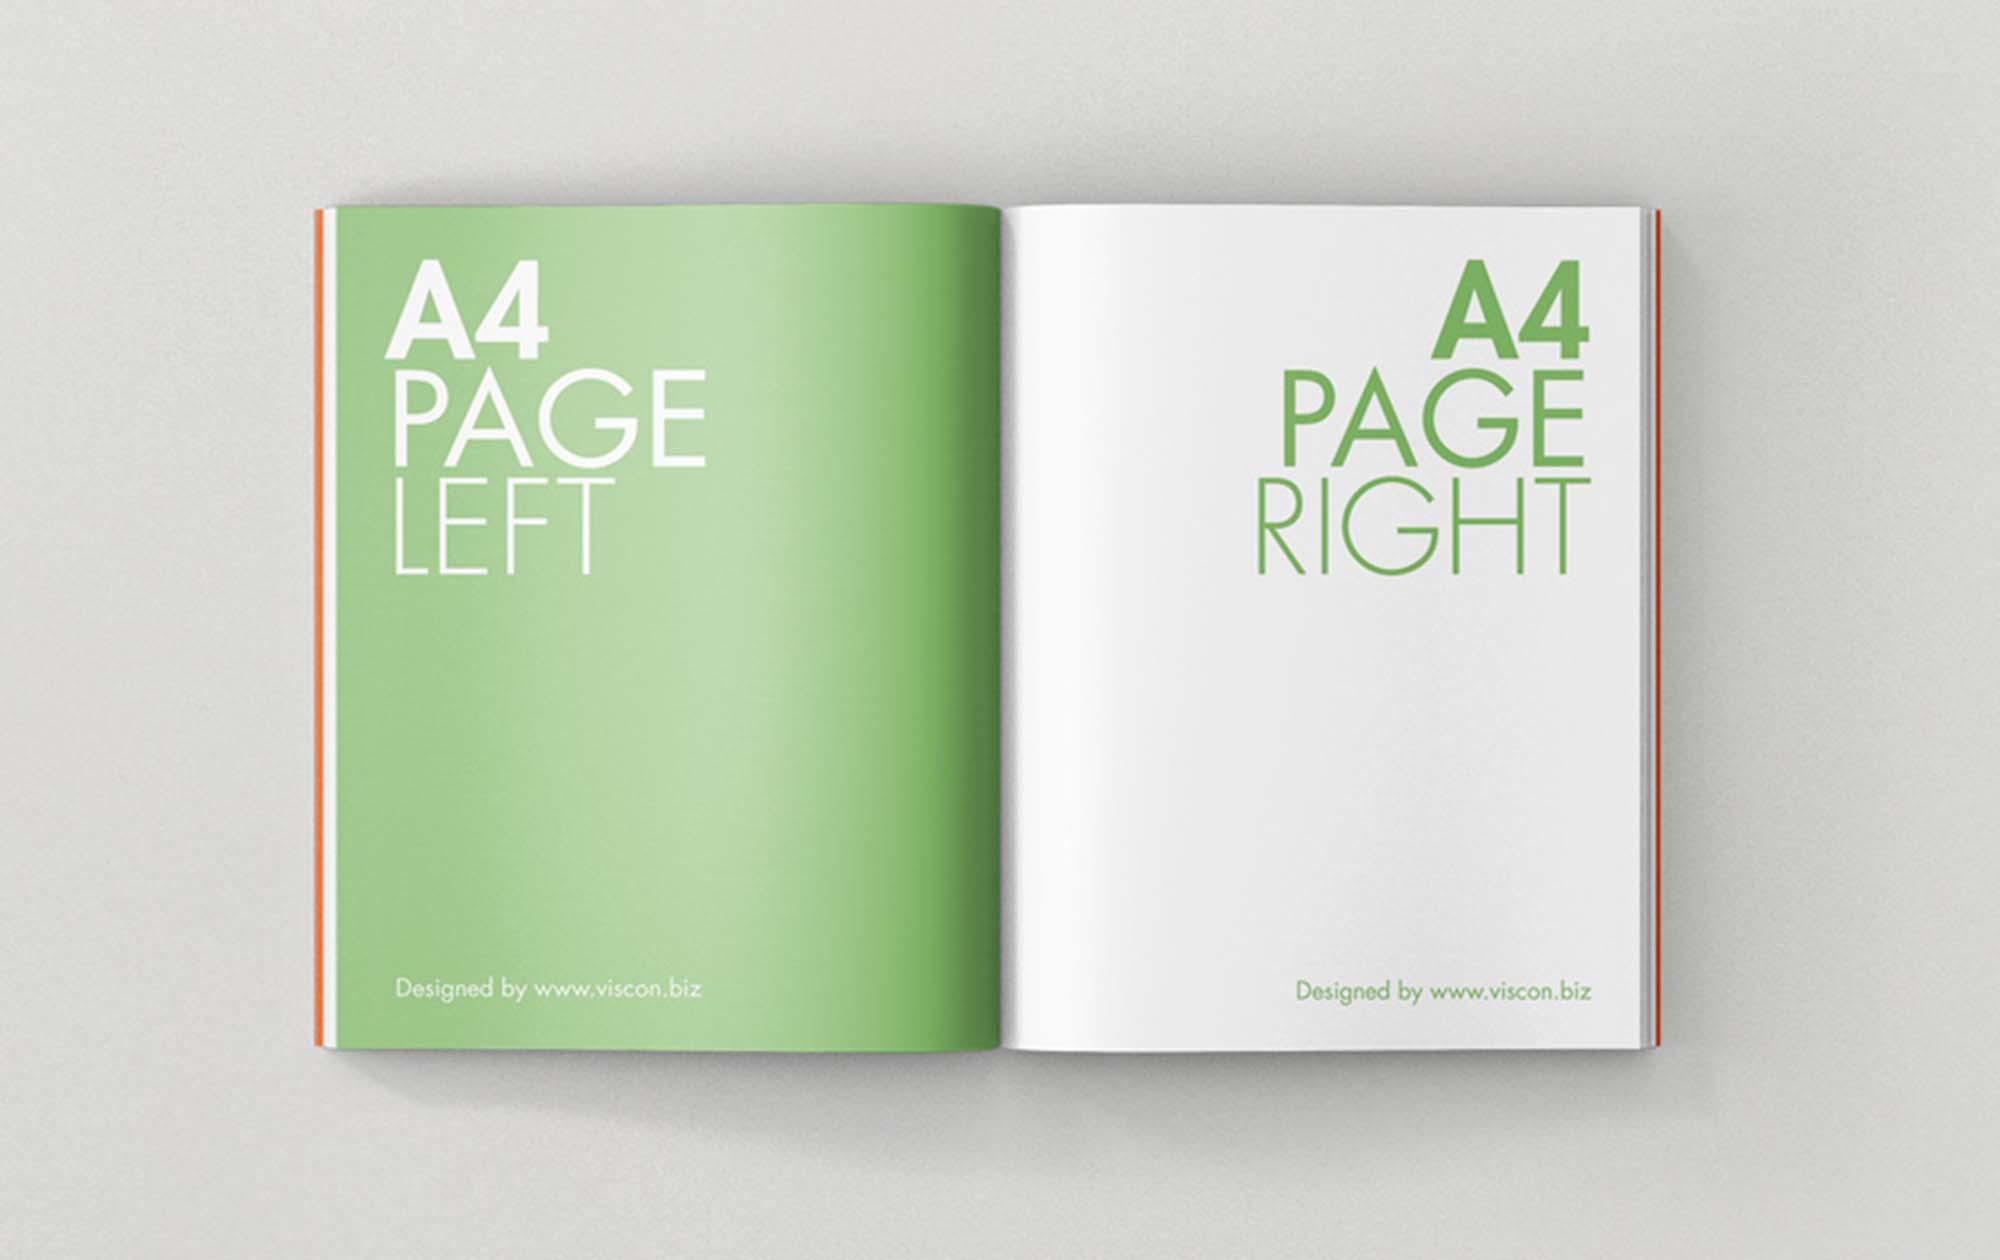 Opened Magazine Mockup